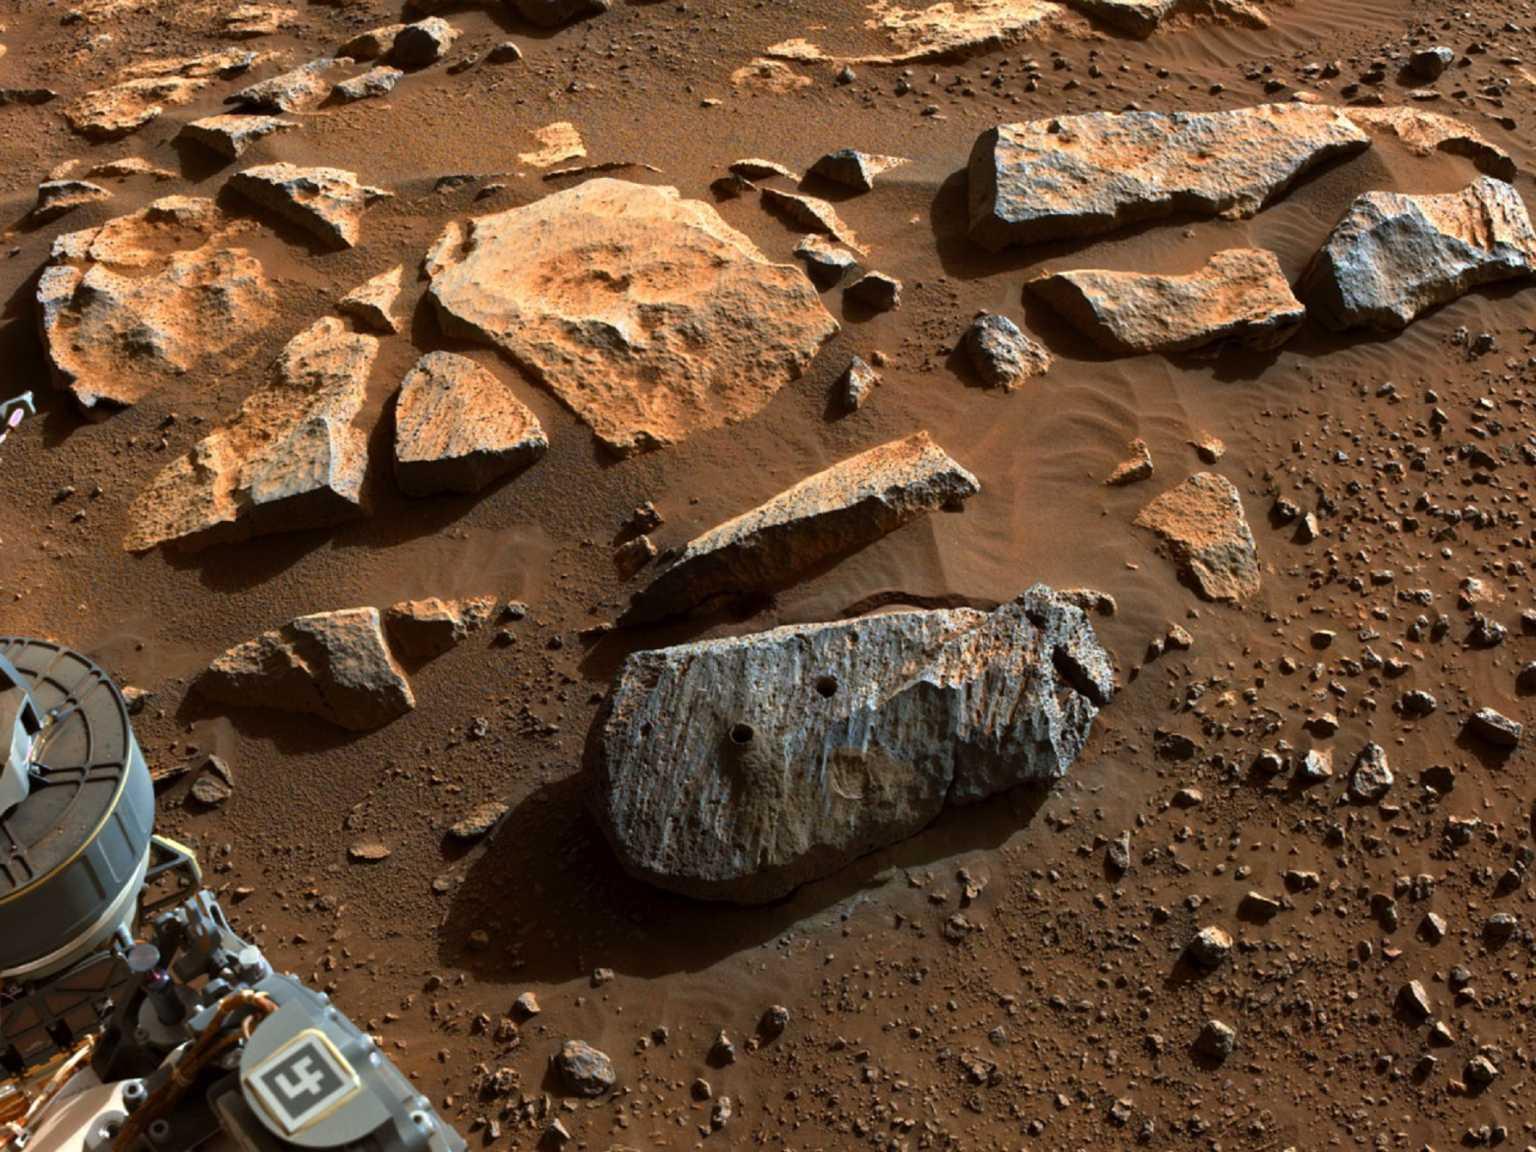 Πλανήτης Άρης: Δυο πέτρινα δείγματα φέρουν ενδείξεις μακροχρόνιας έκθεσης σε νερό